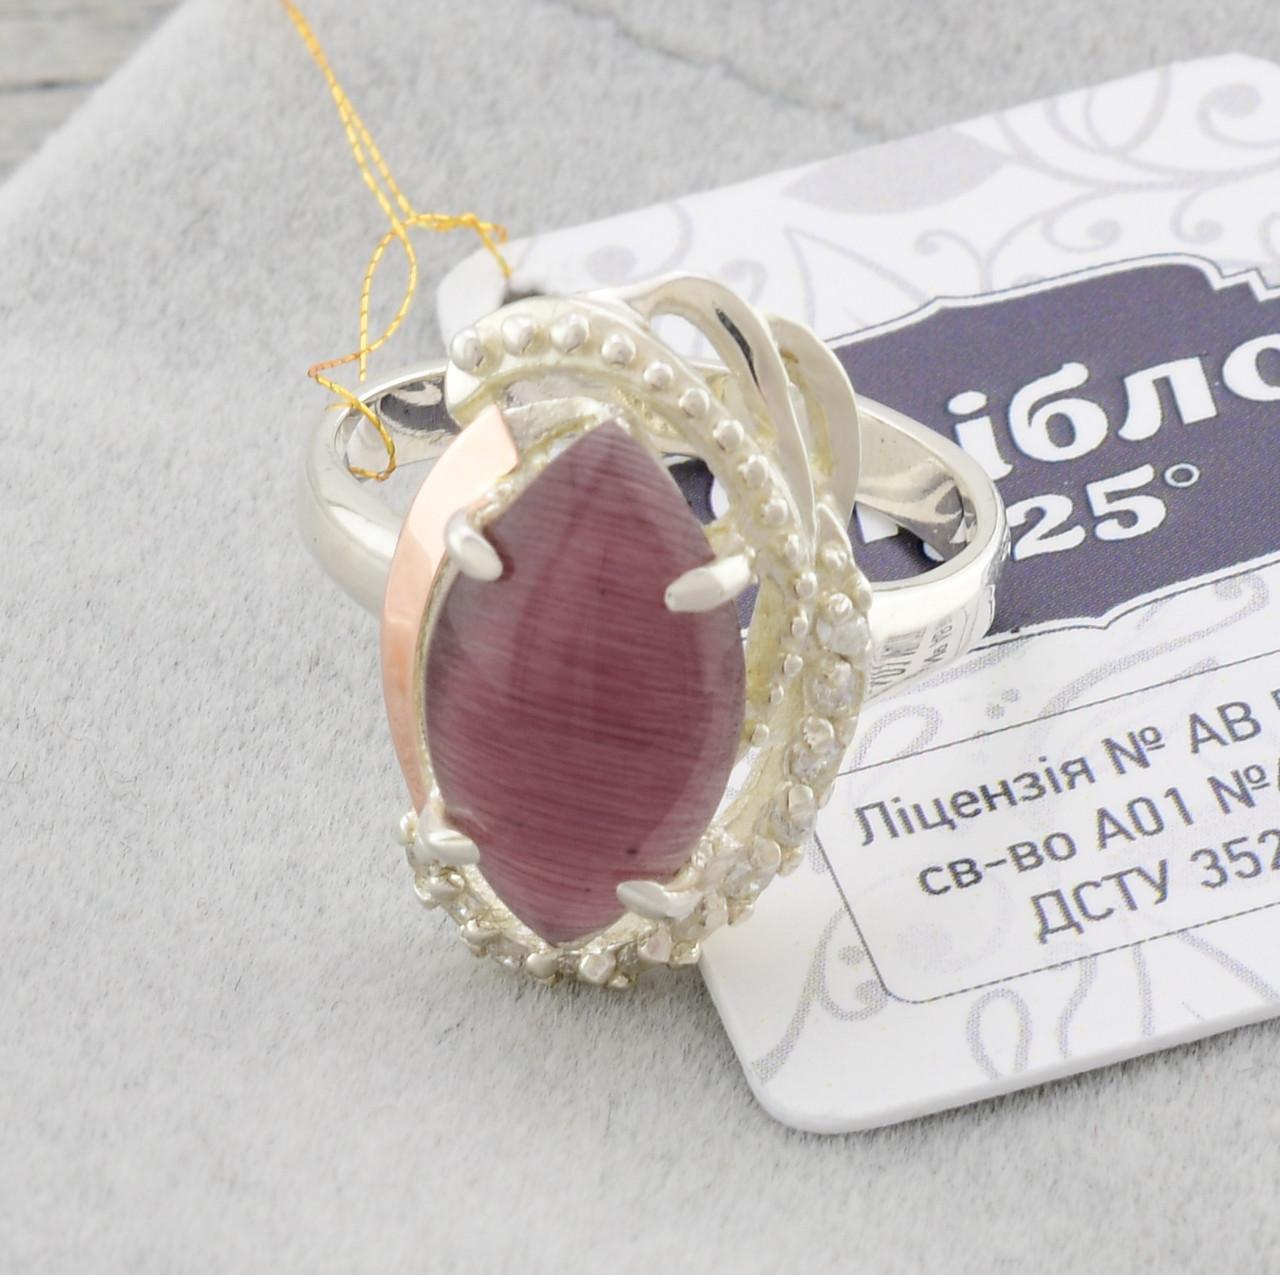 Серебряное кольцо с золотыми пластинами 226-ЯК, вставка фиолетовый улексит, вес 5.0 г, размер 19